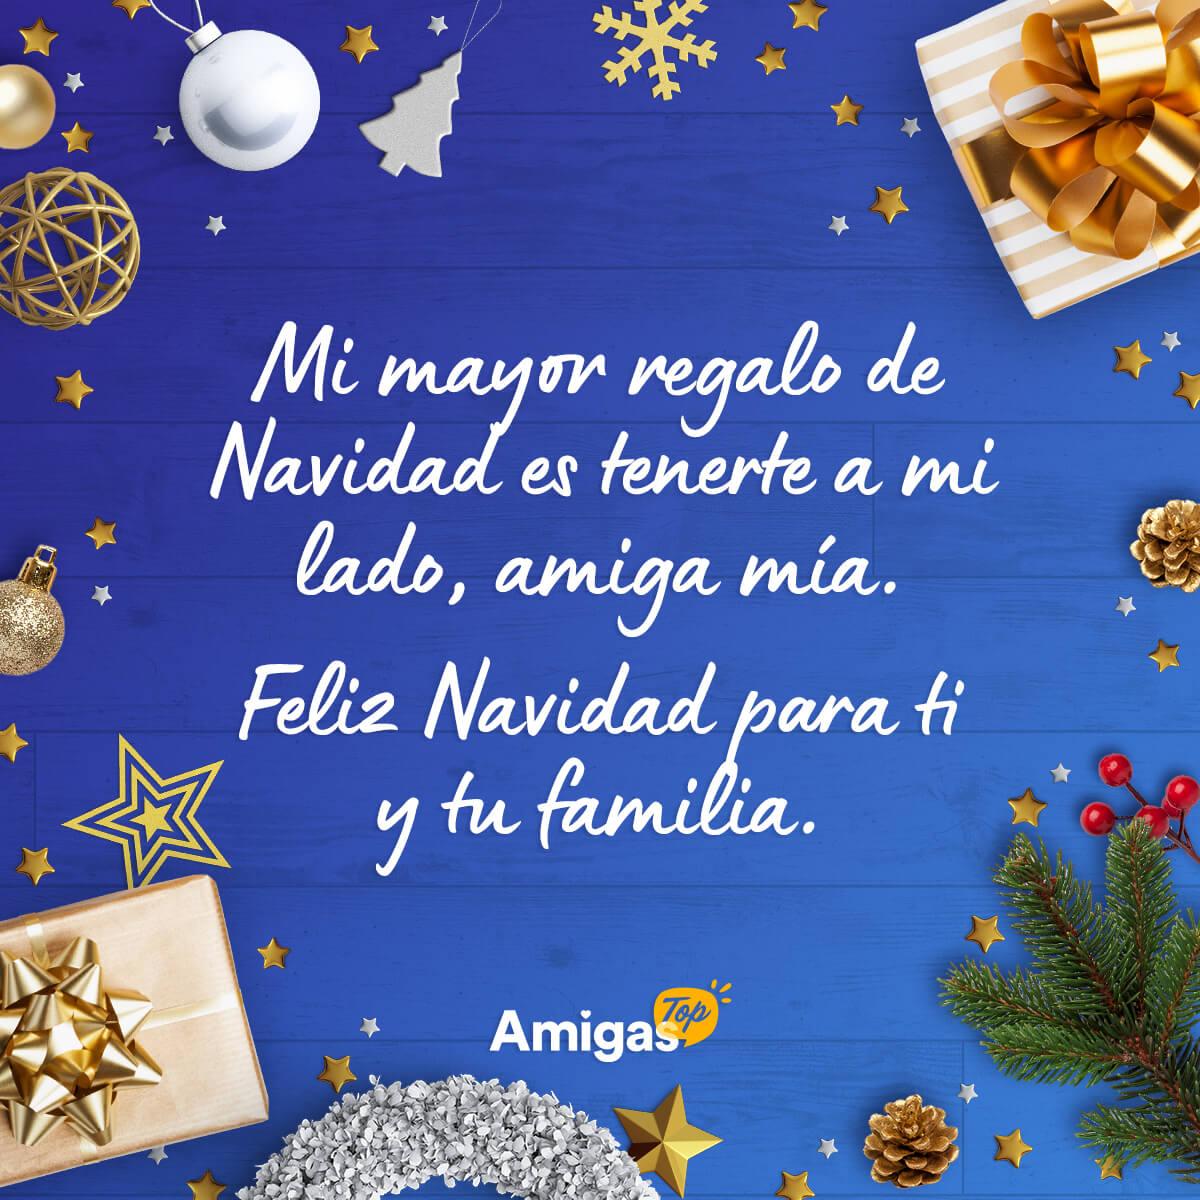 Imagen con mensaje de Navidad bonito para una amiga